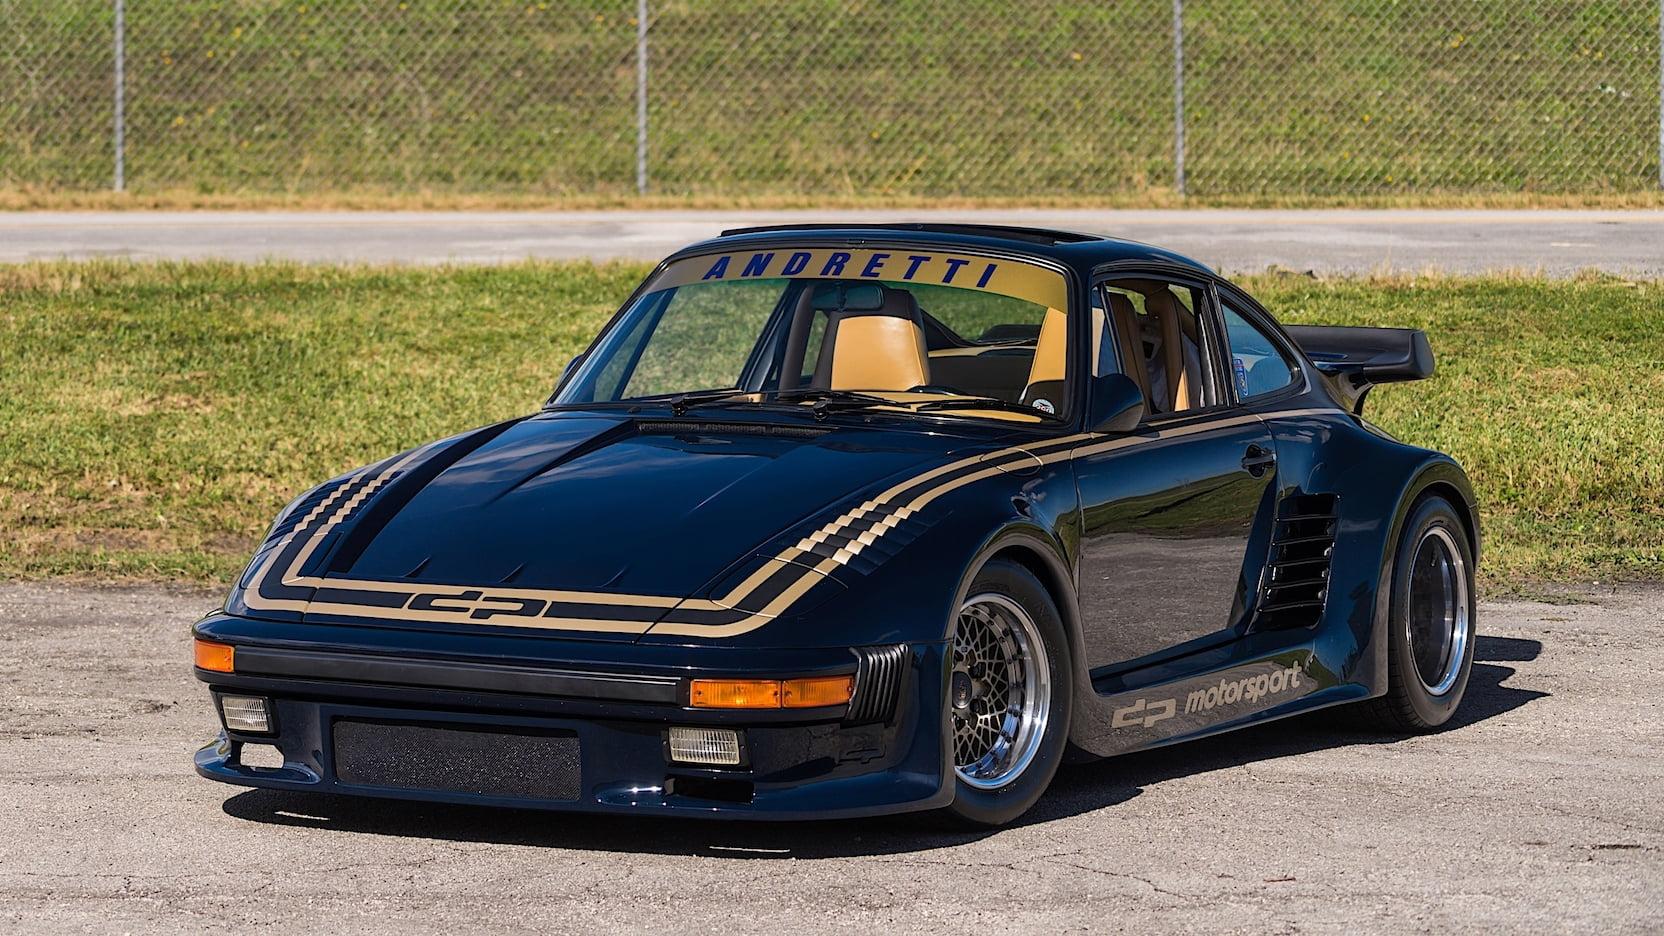 1985 Porsche 930 Turbo 935 DP Motorsports Mario Andretti